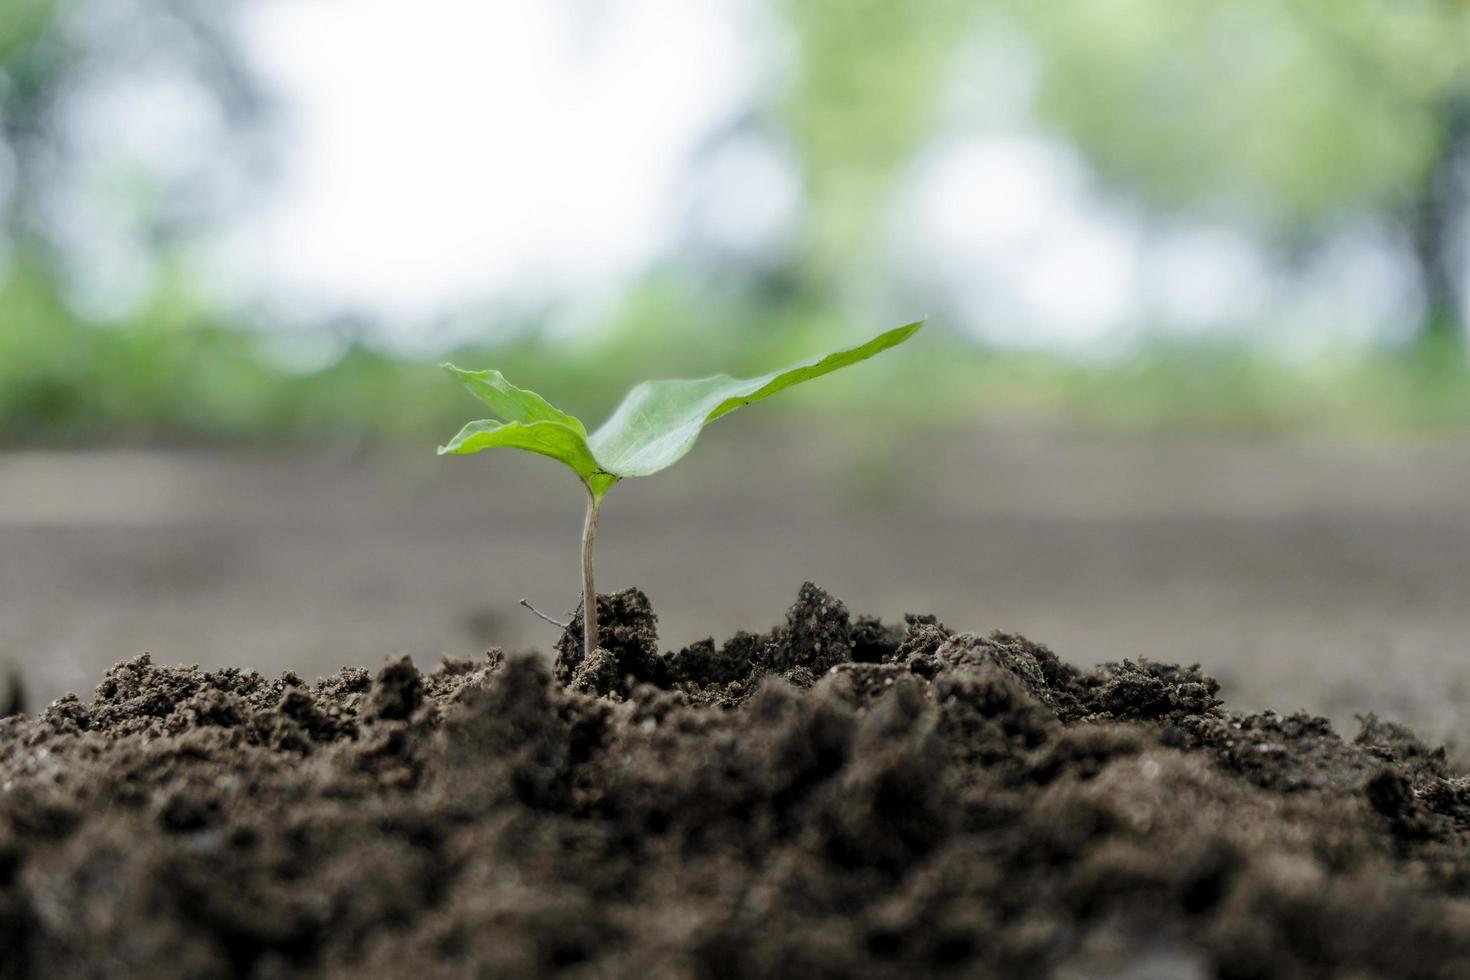 planterar groddar från jord i trädgården foto